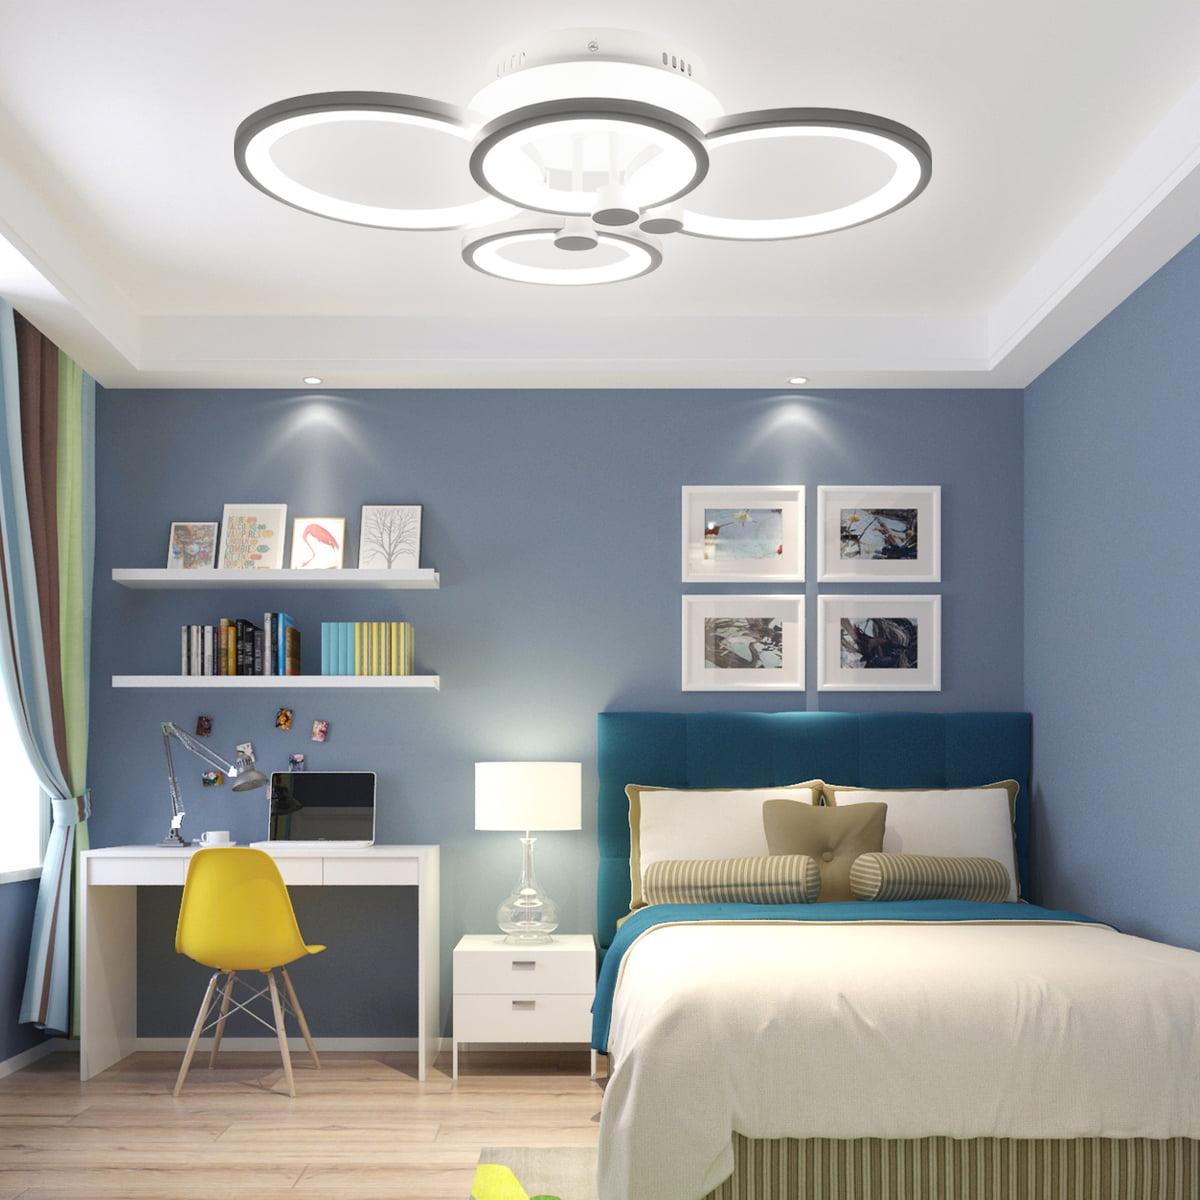 Modern Crystal Led Ceiling Light Chandelier Lighting, 8 Rings Hanging Lamp  Warm White/Cold White/Stepless Dimming for Bedroom Living Room Light